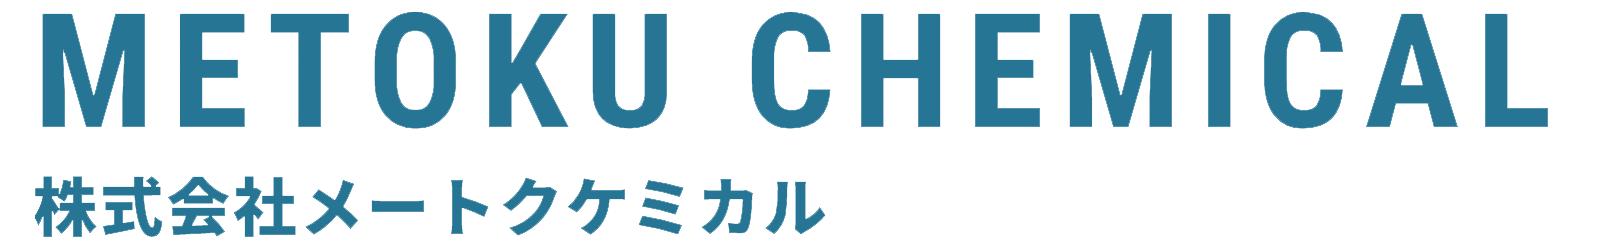 METOKU CHEMICAL STORE